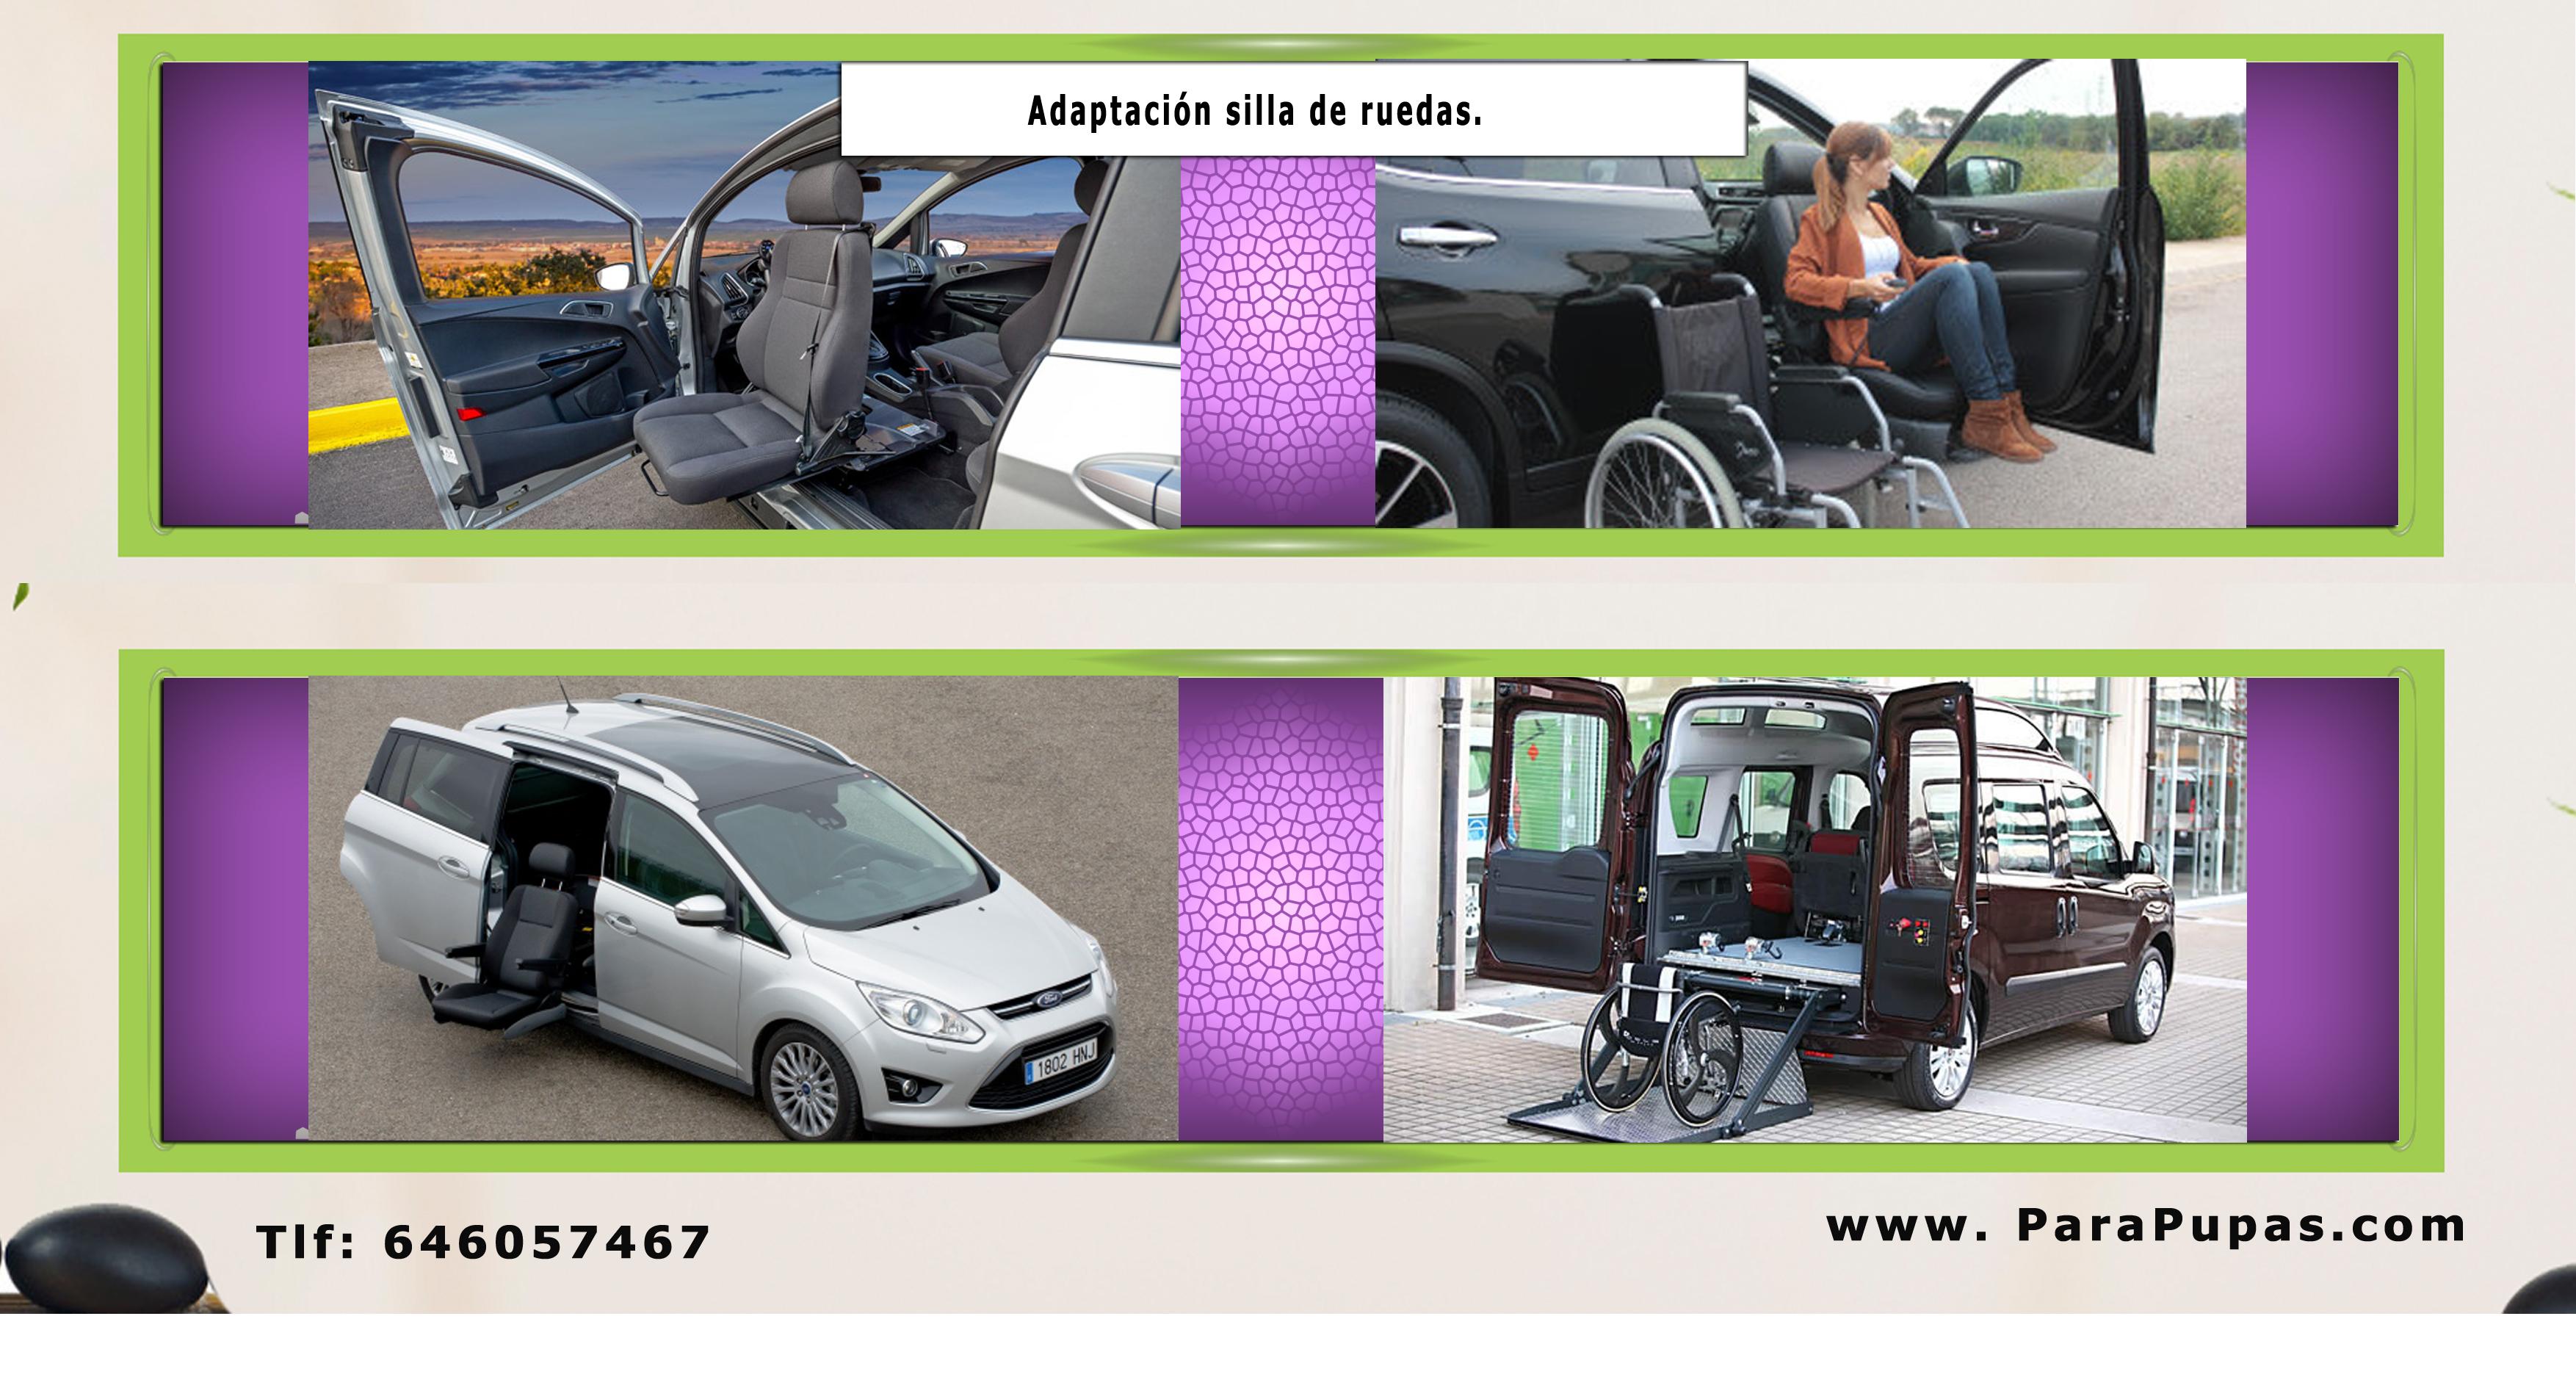 catl4-sillas-ruedas